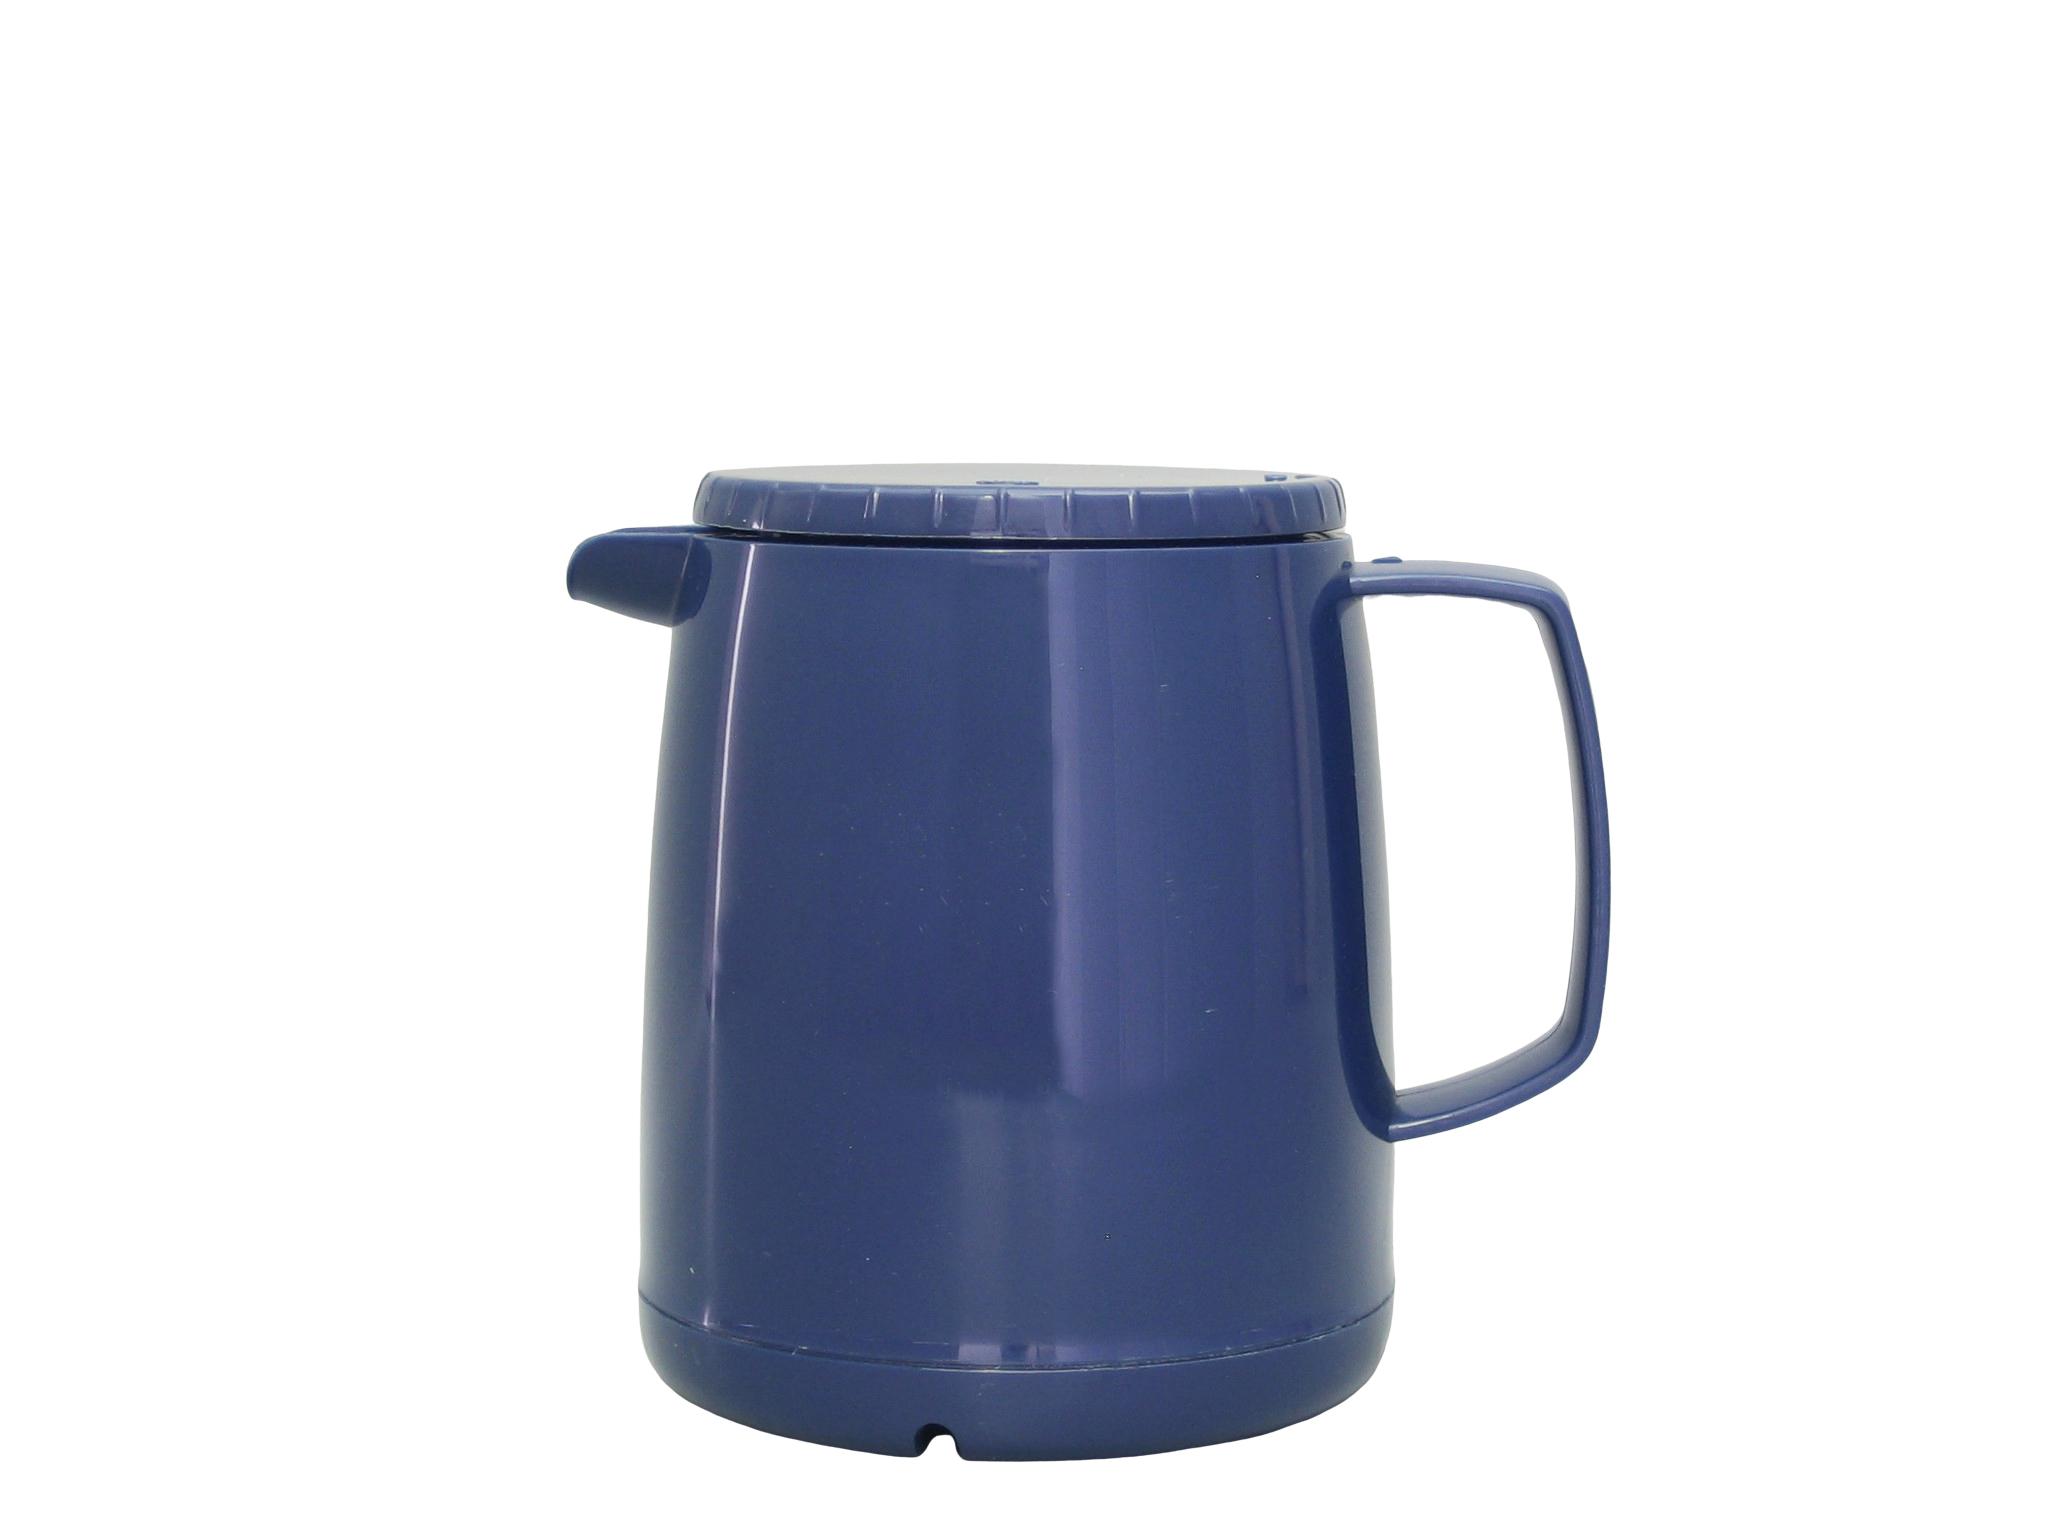 JAZZ050-008 - Isoleerkan stapelbaar blauw 0.50 L - Isobel